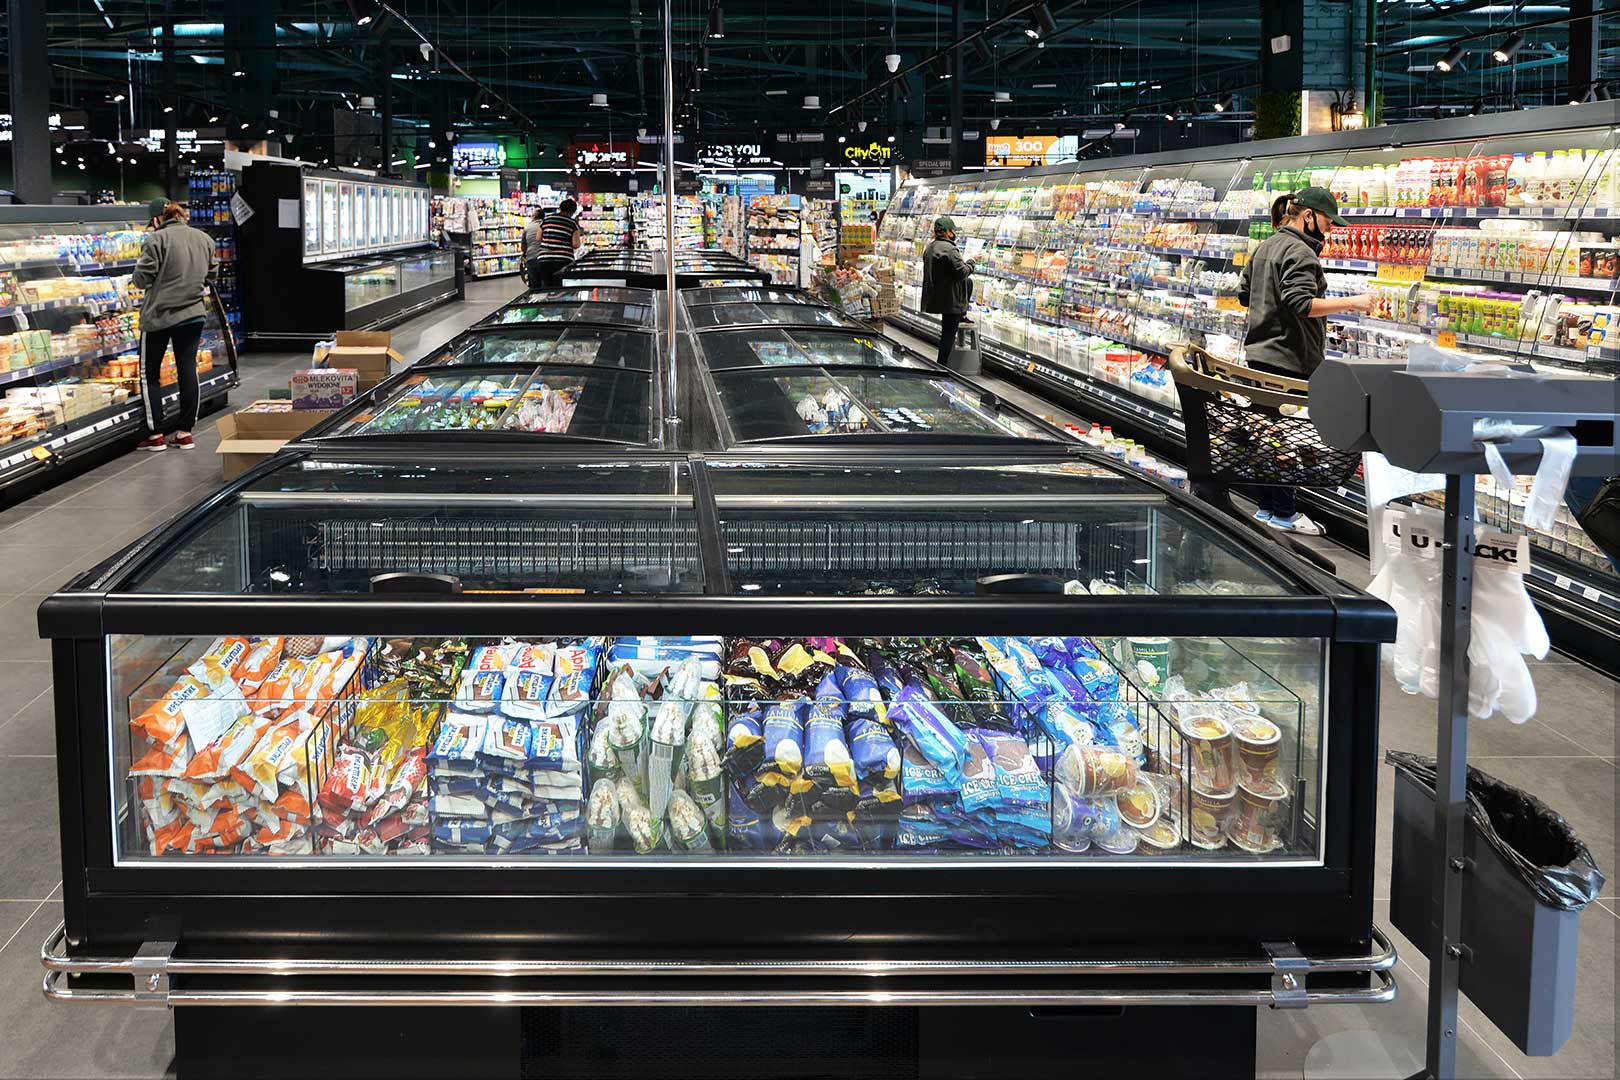 """Vitrinen für Gefriergüter Alaska AH 100 LT C A im Supermarkt """"City Market"""""""